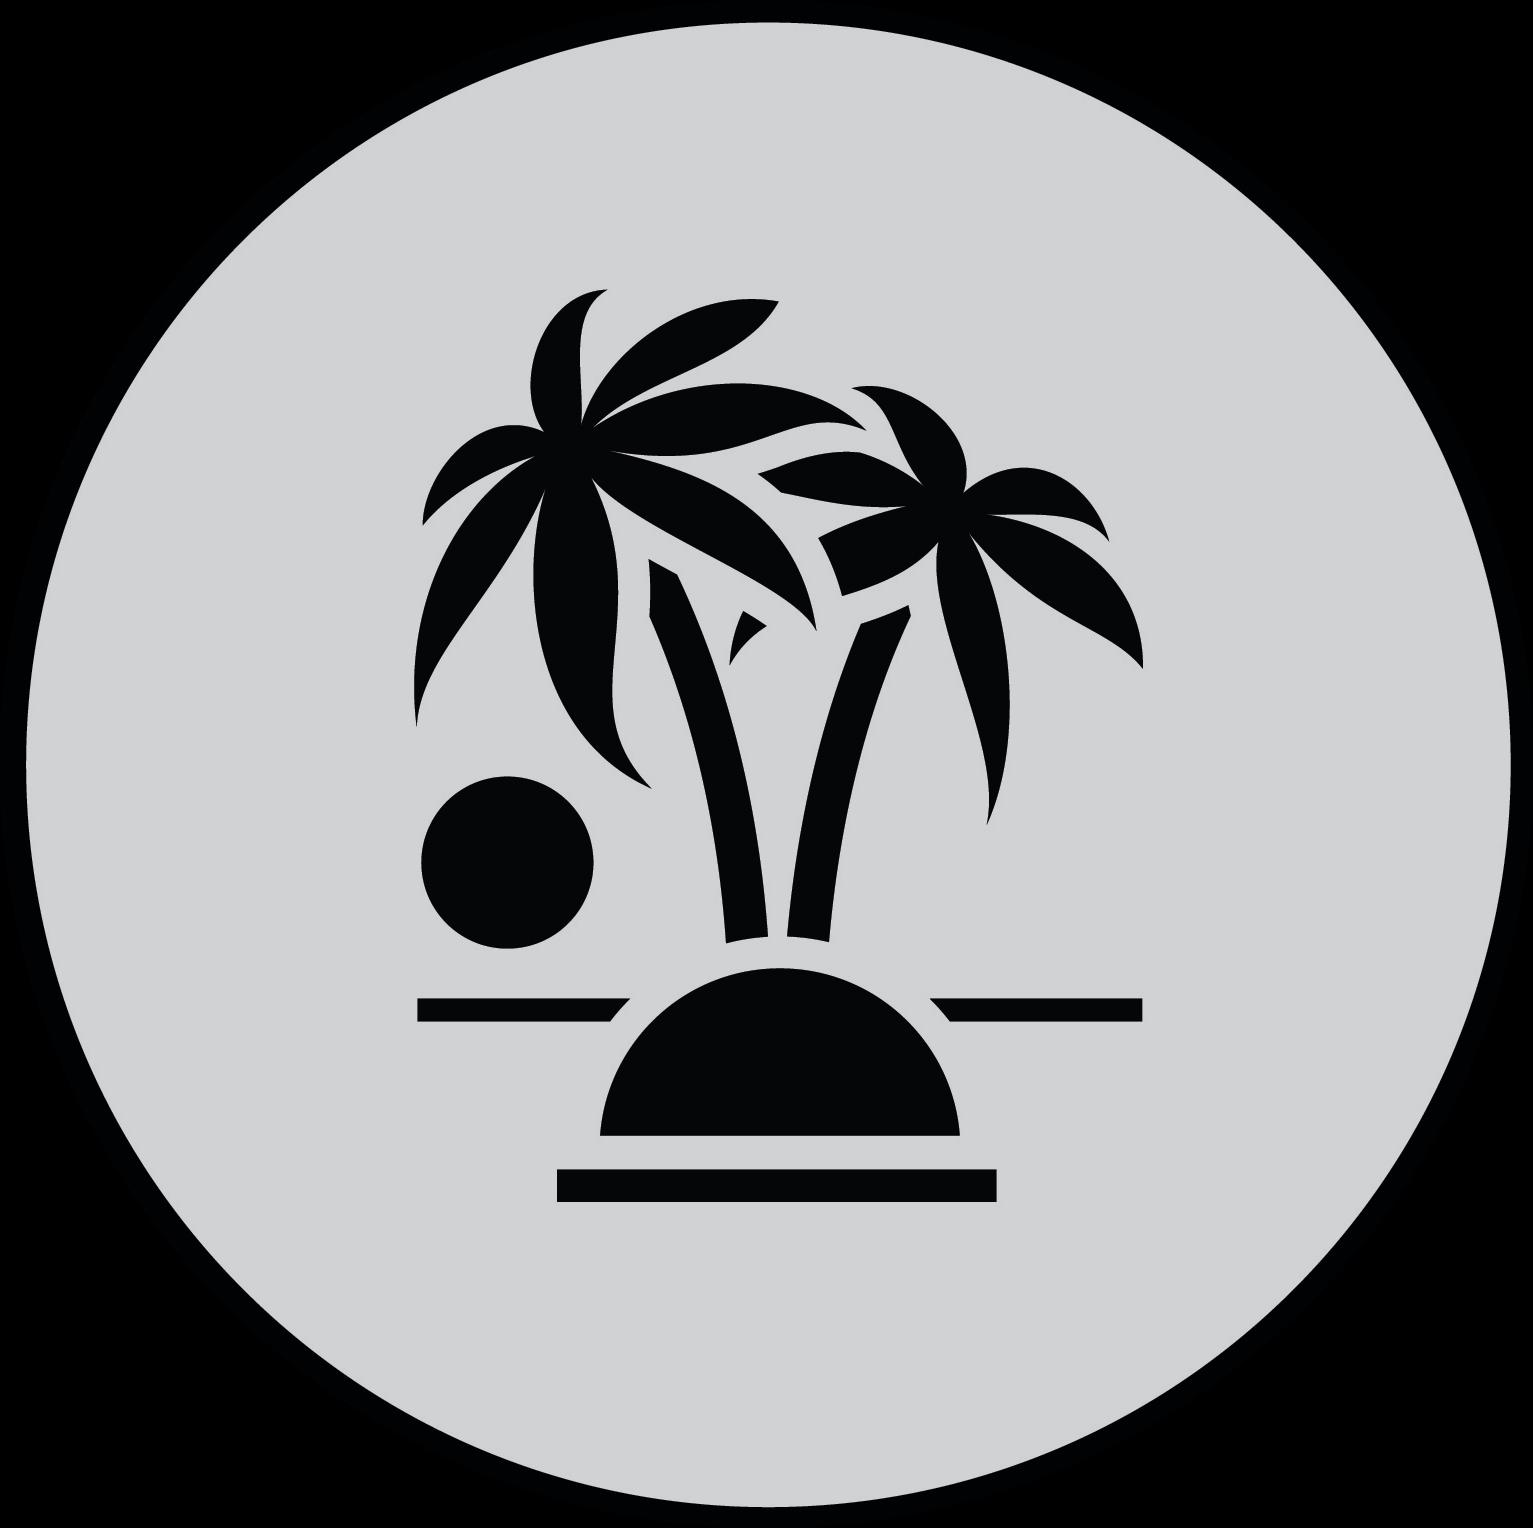 Vacation Circle Graphic